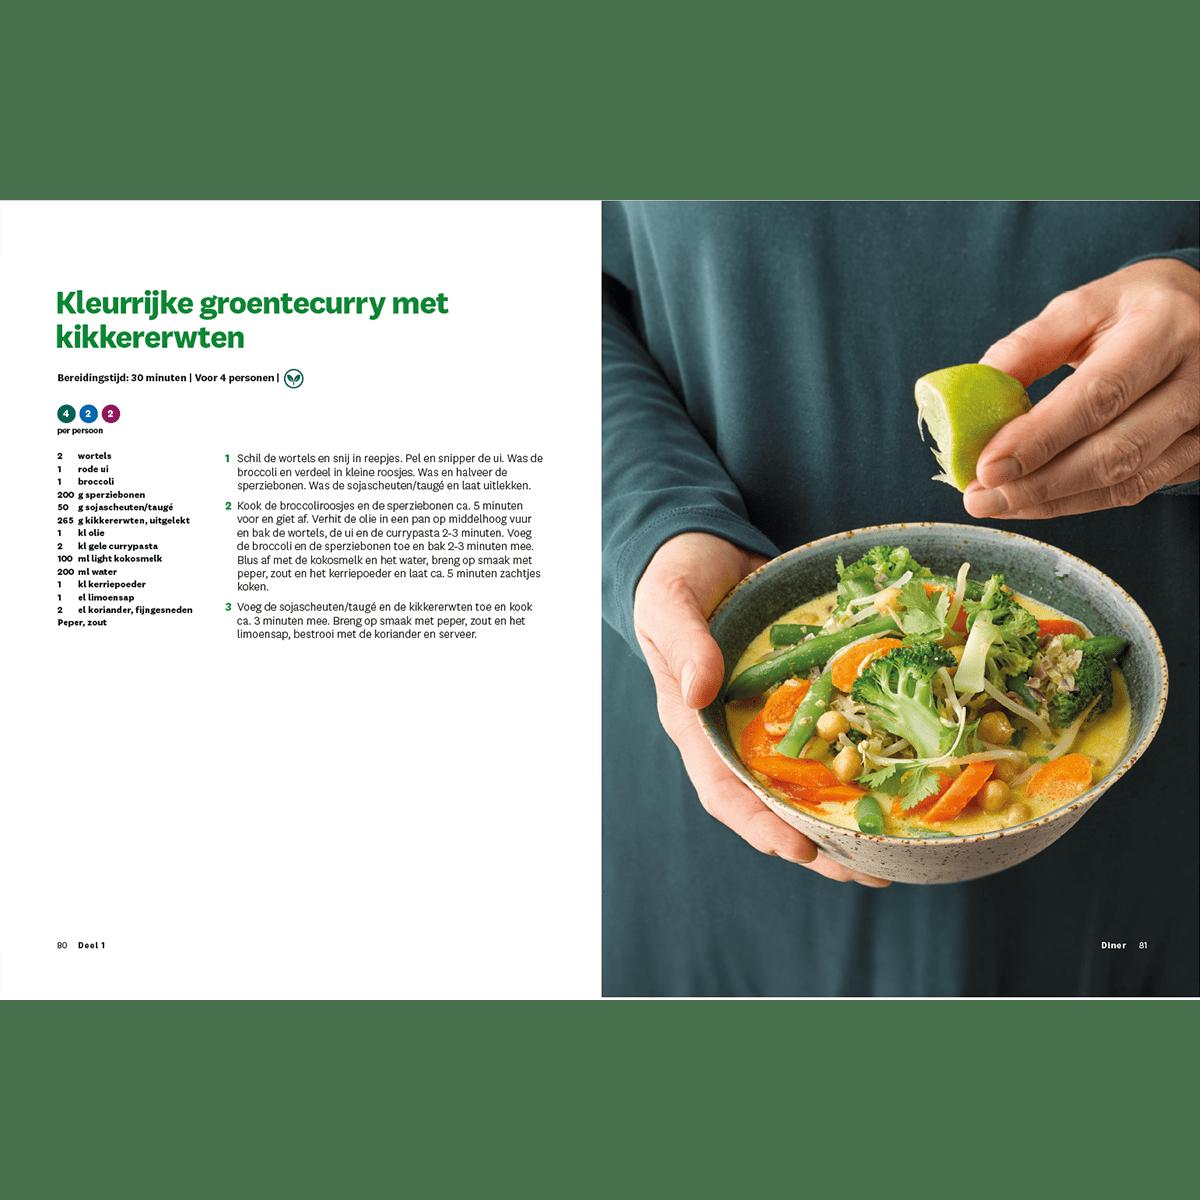 Programmakookboek deel 1 kleurrijke groentecurry met kikkererwten